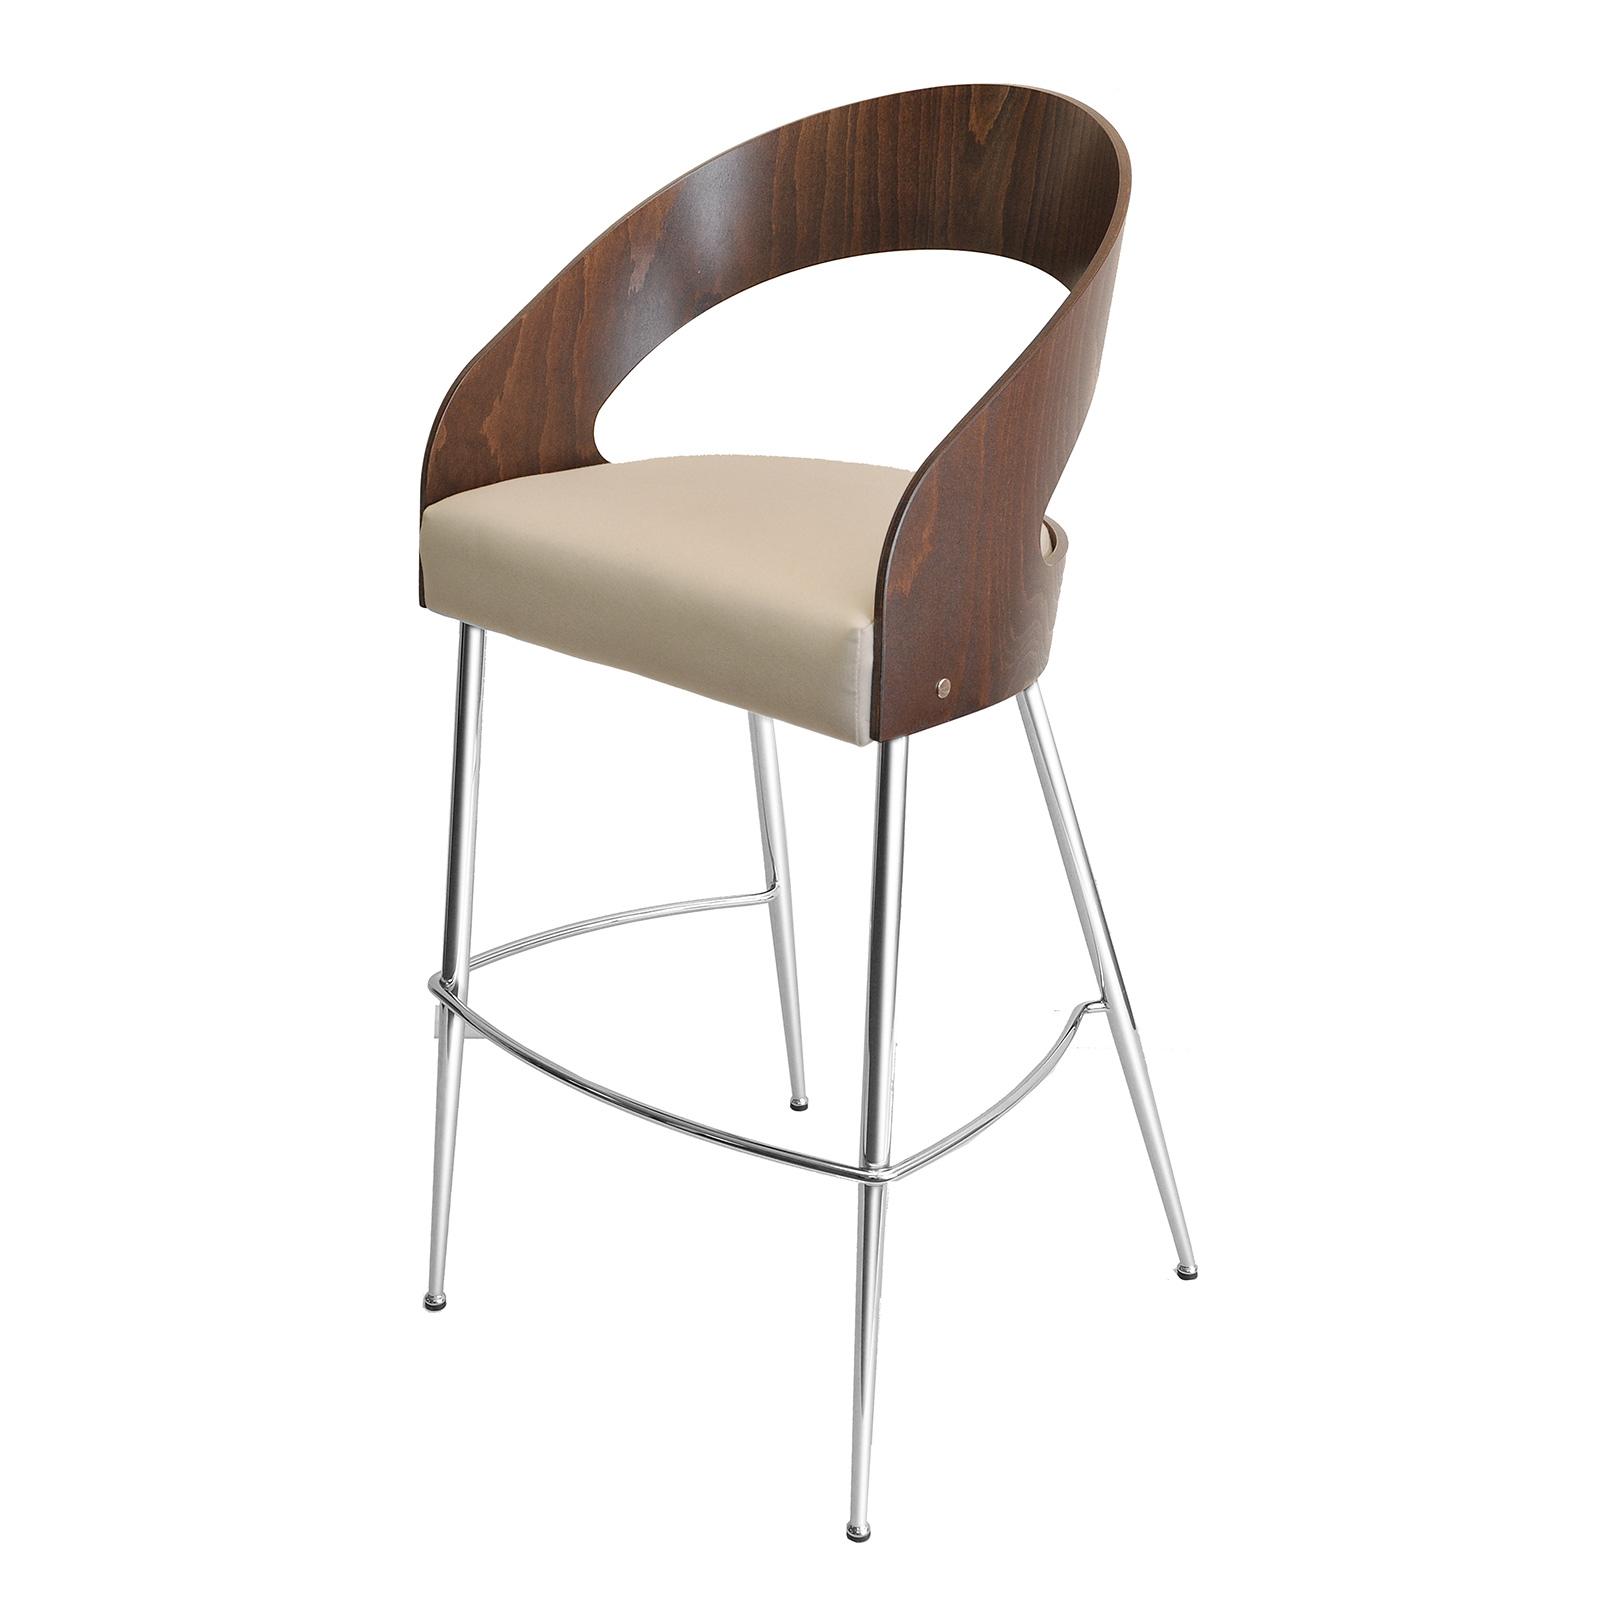 Florida Seating CN-EMILY H B GR3 bar stool, indoor